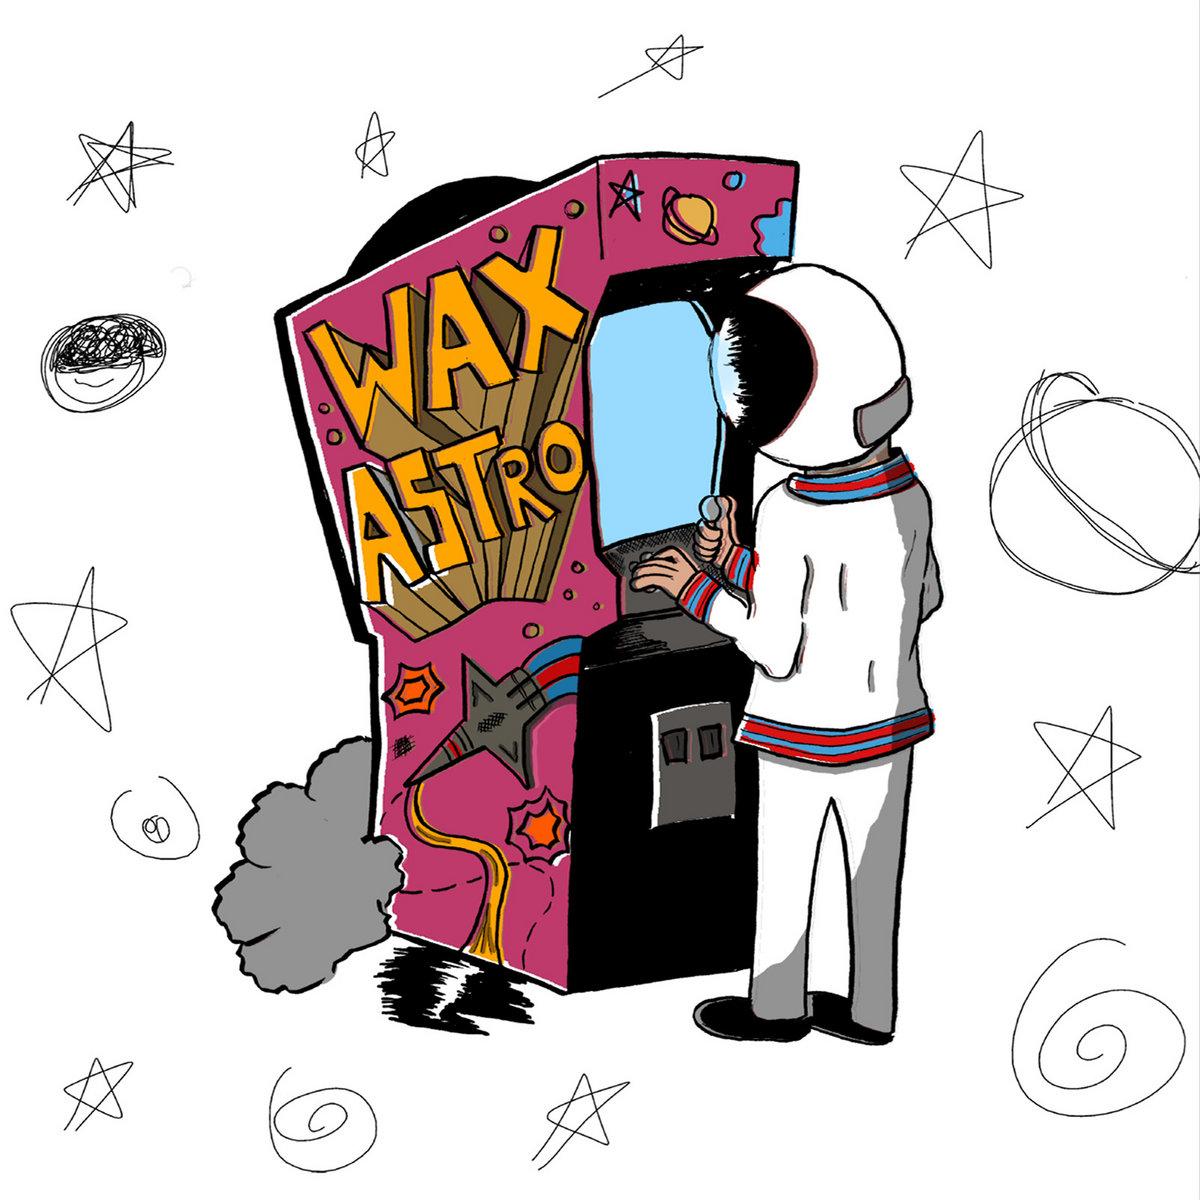 Wax Astro